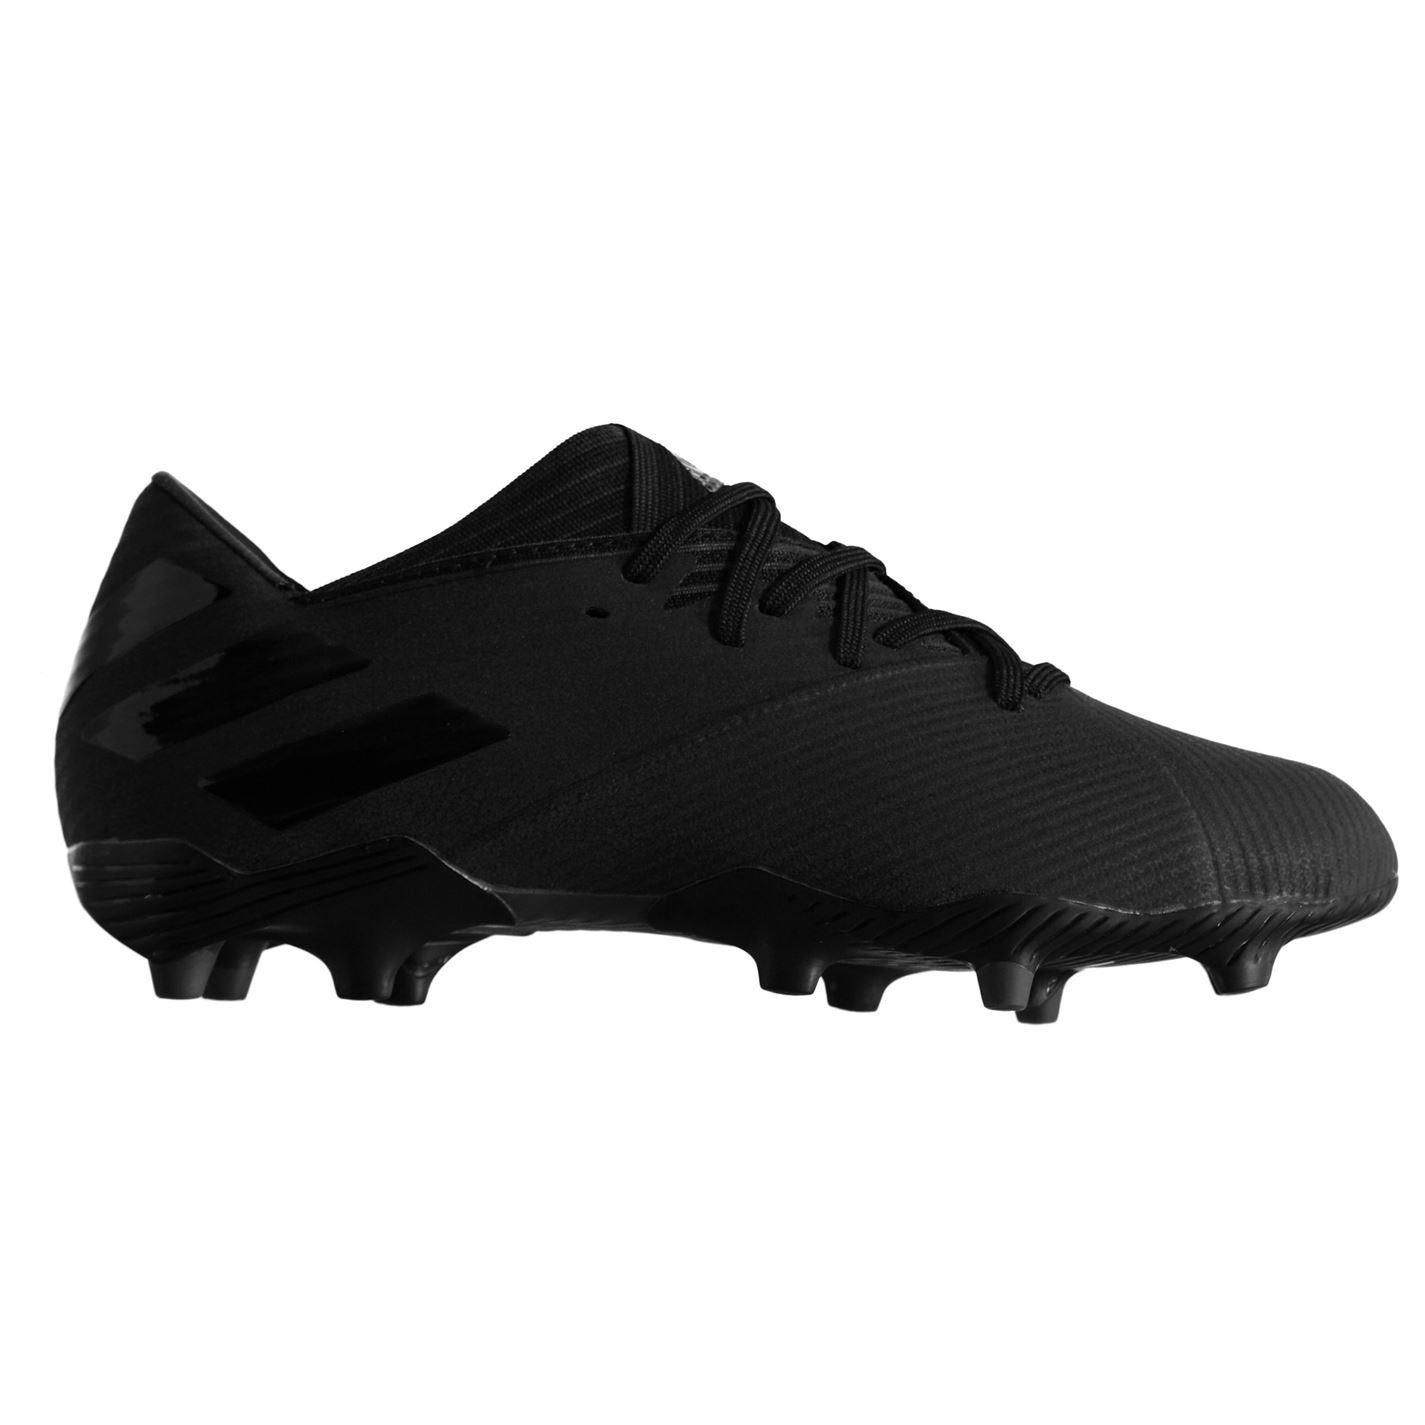 Adidas-nemeziz-19-2-Firm-Ground-FG-Chaussures-De-Football-Hommes-Soccer-Crampons-Chaussures miniature 4